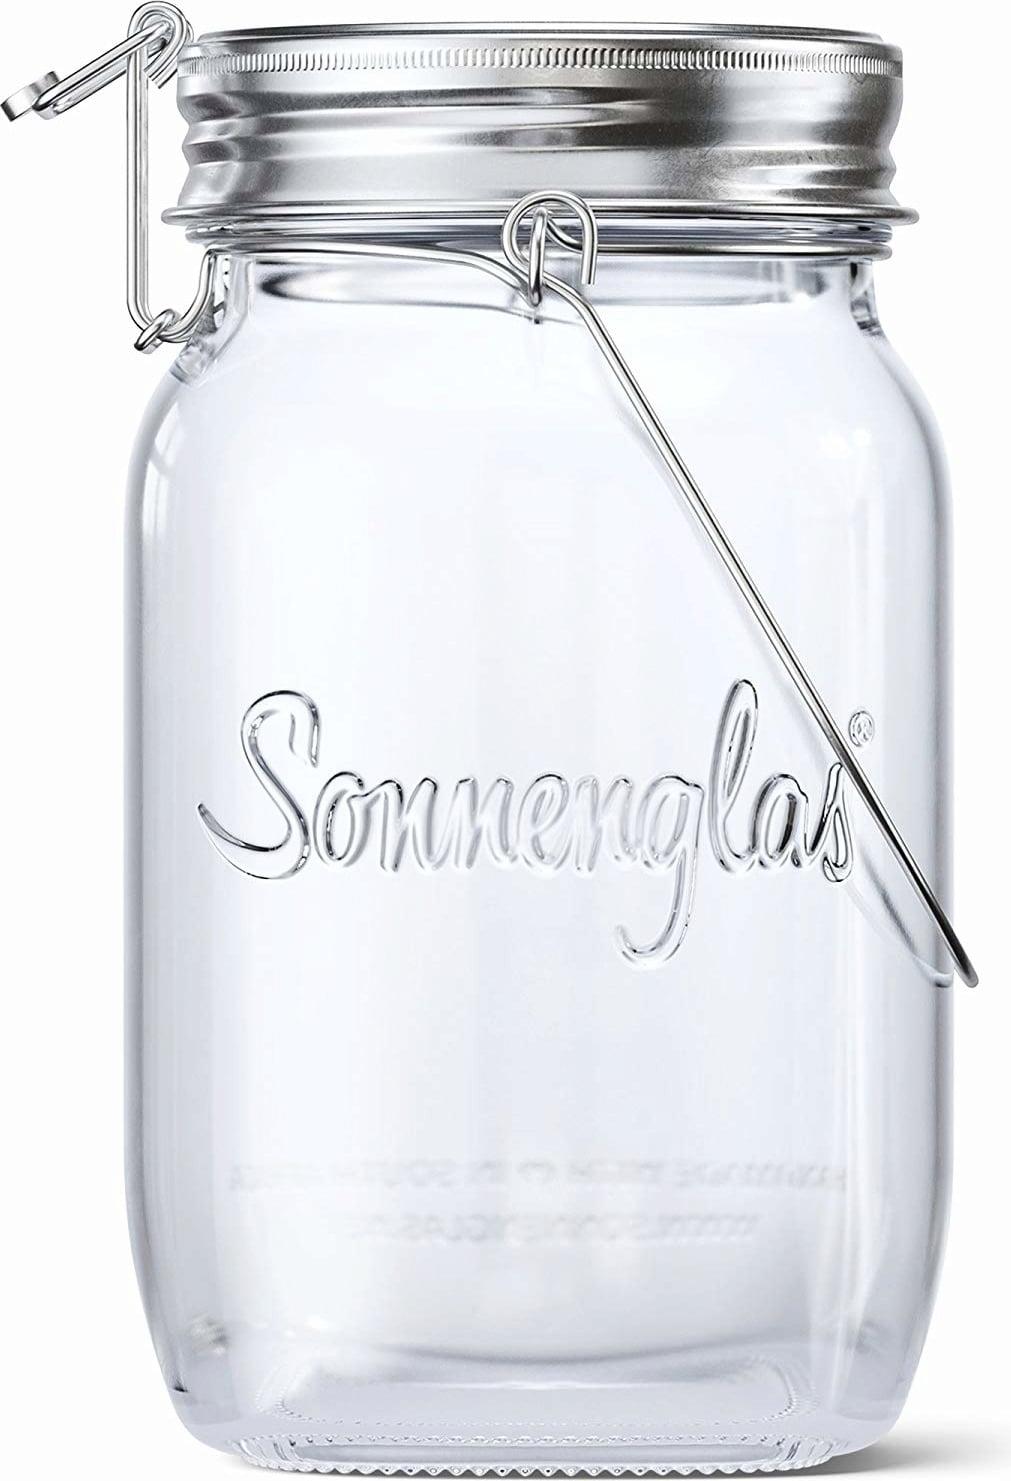 sonnenglas-1-pc-669191-de